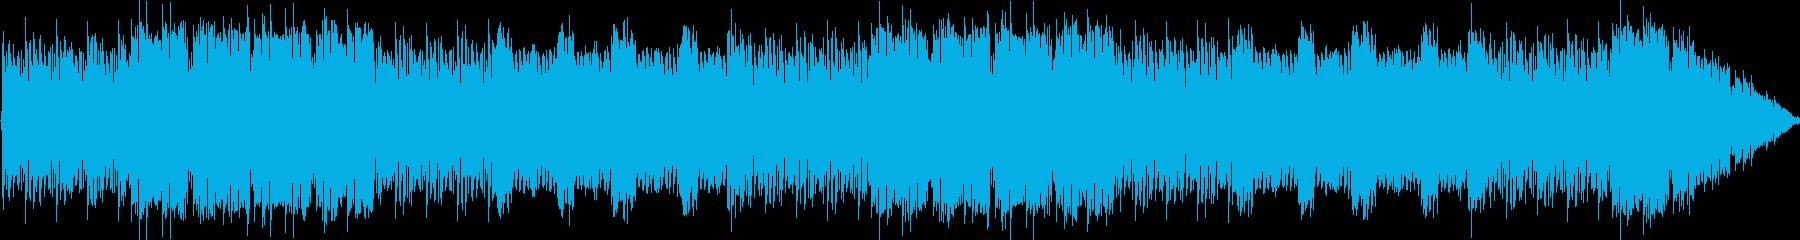 チップチューンによるフージョン系楽曲の再生済みの波形